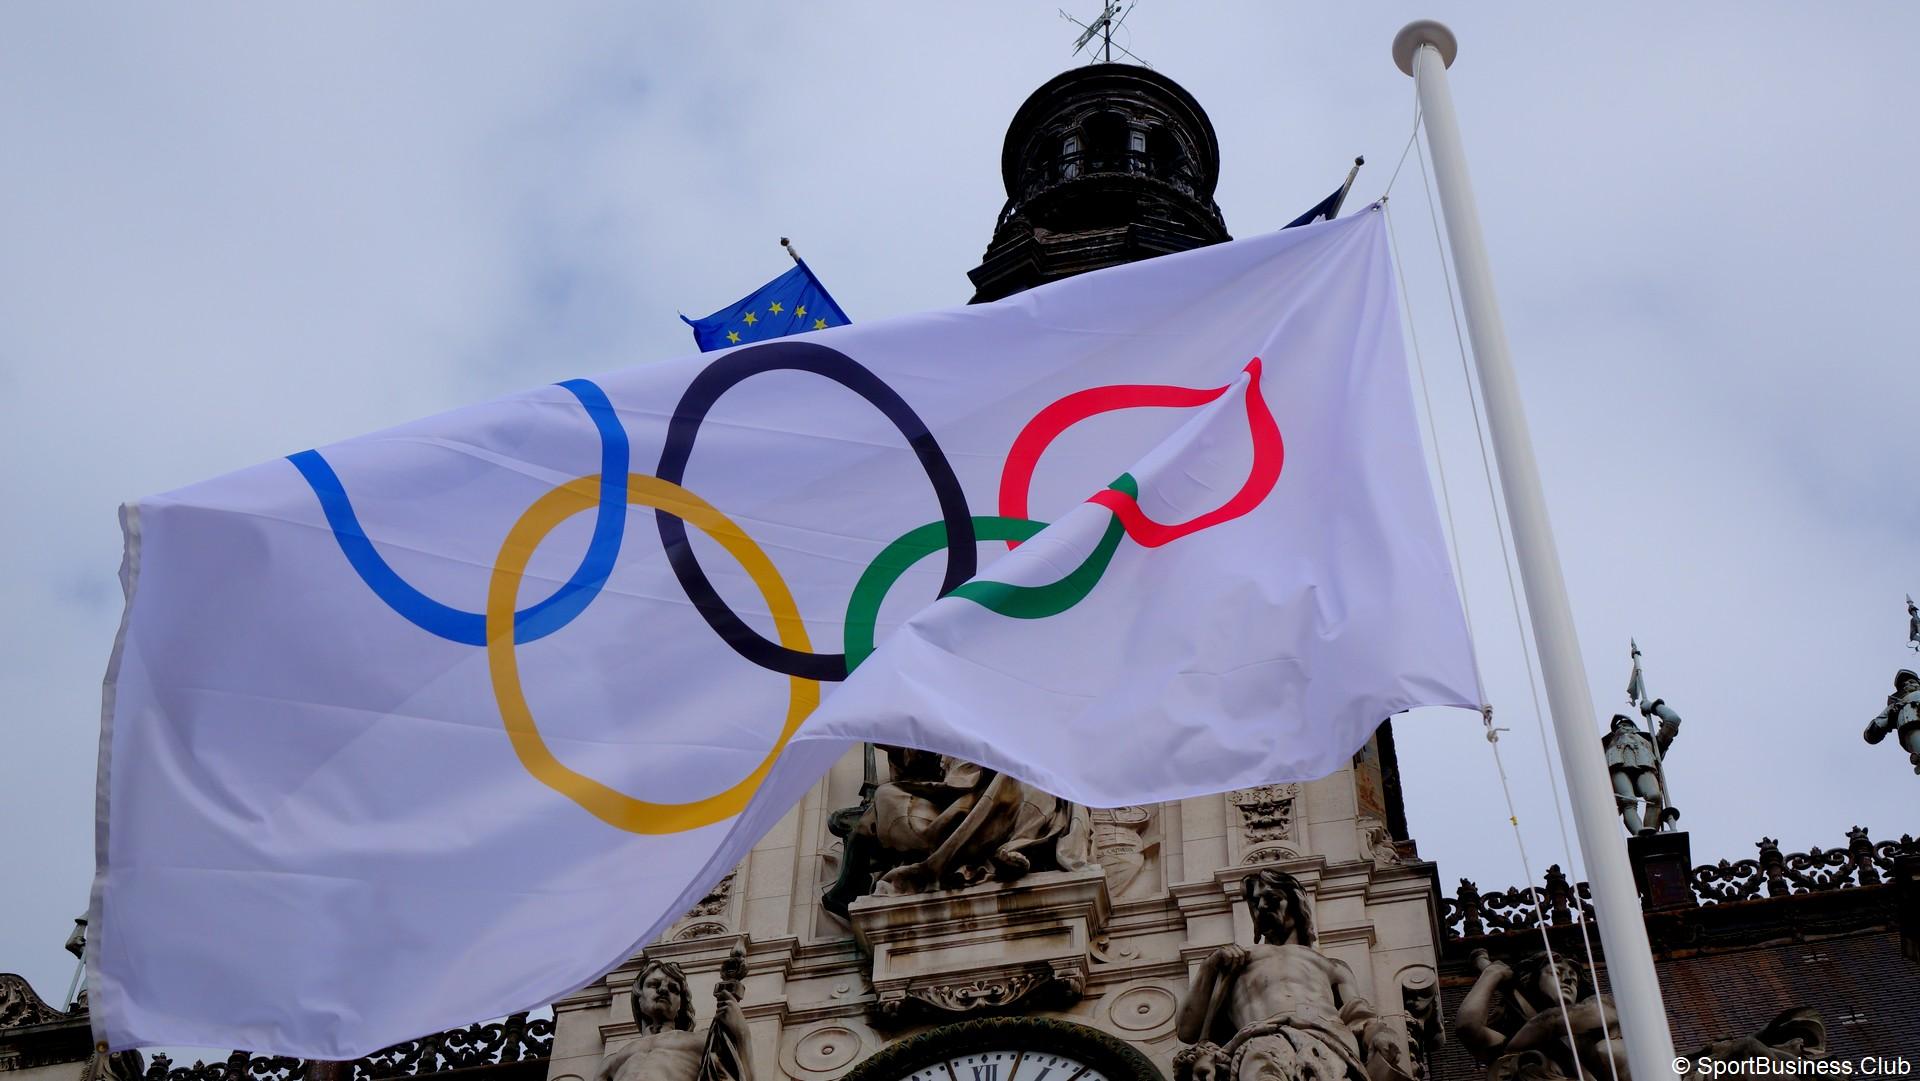 Drapeau olympique (1) Mairie de Paris